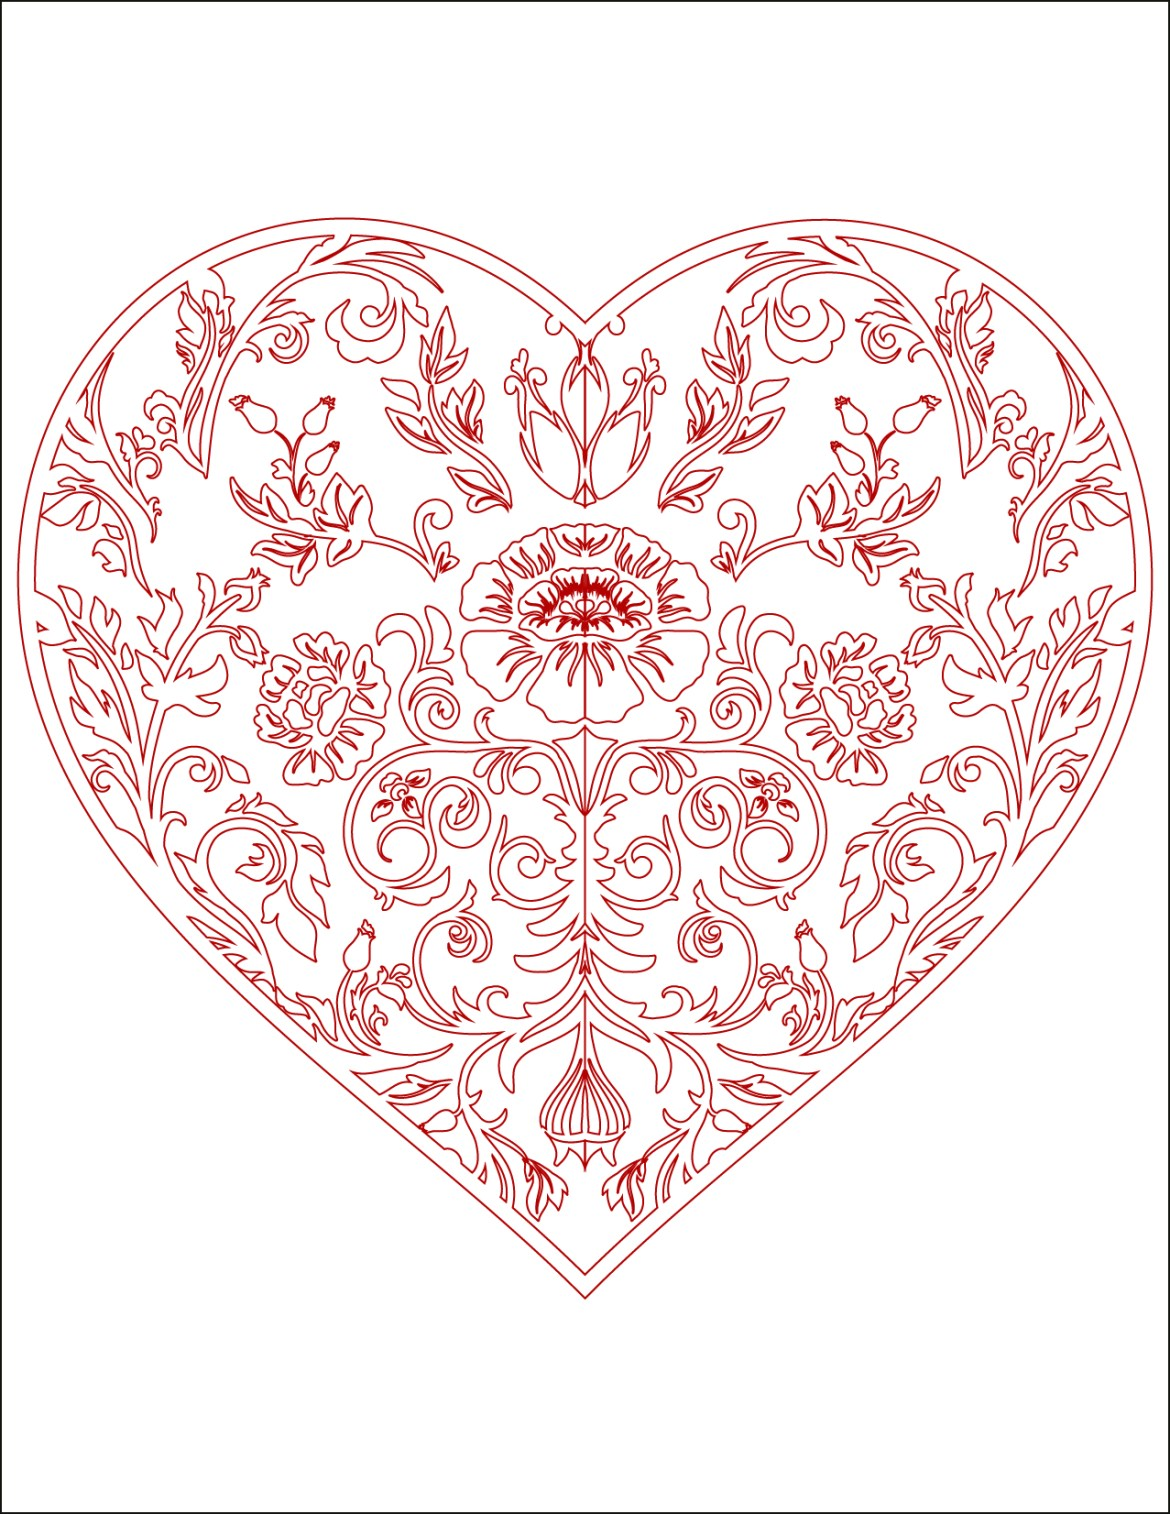 Image De Bonjour D Amour Coloriage Coeur A Imprimer Artherapie Ca